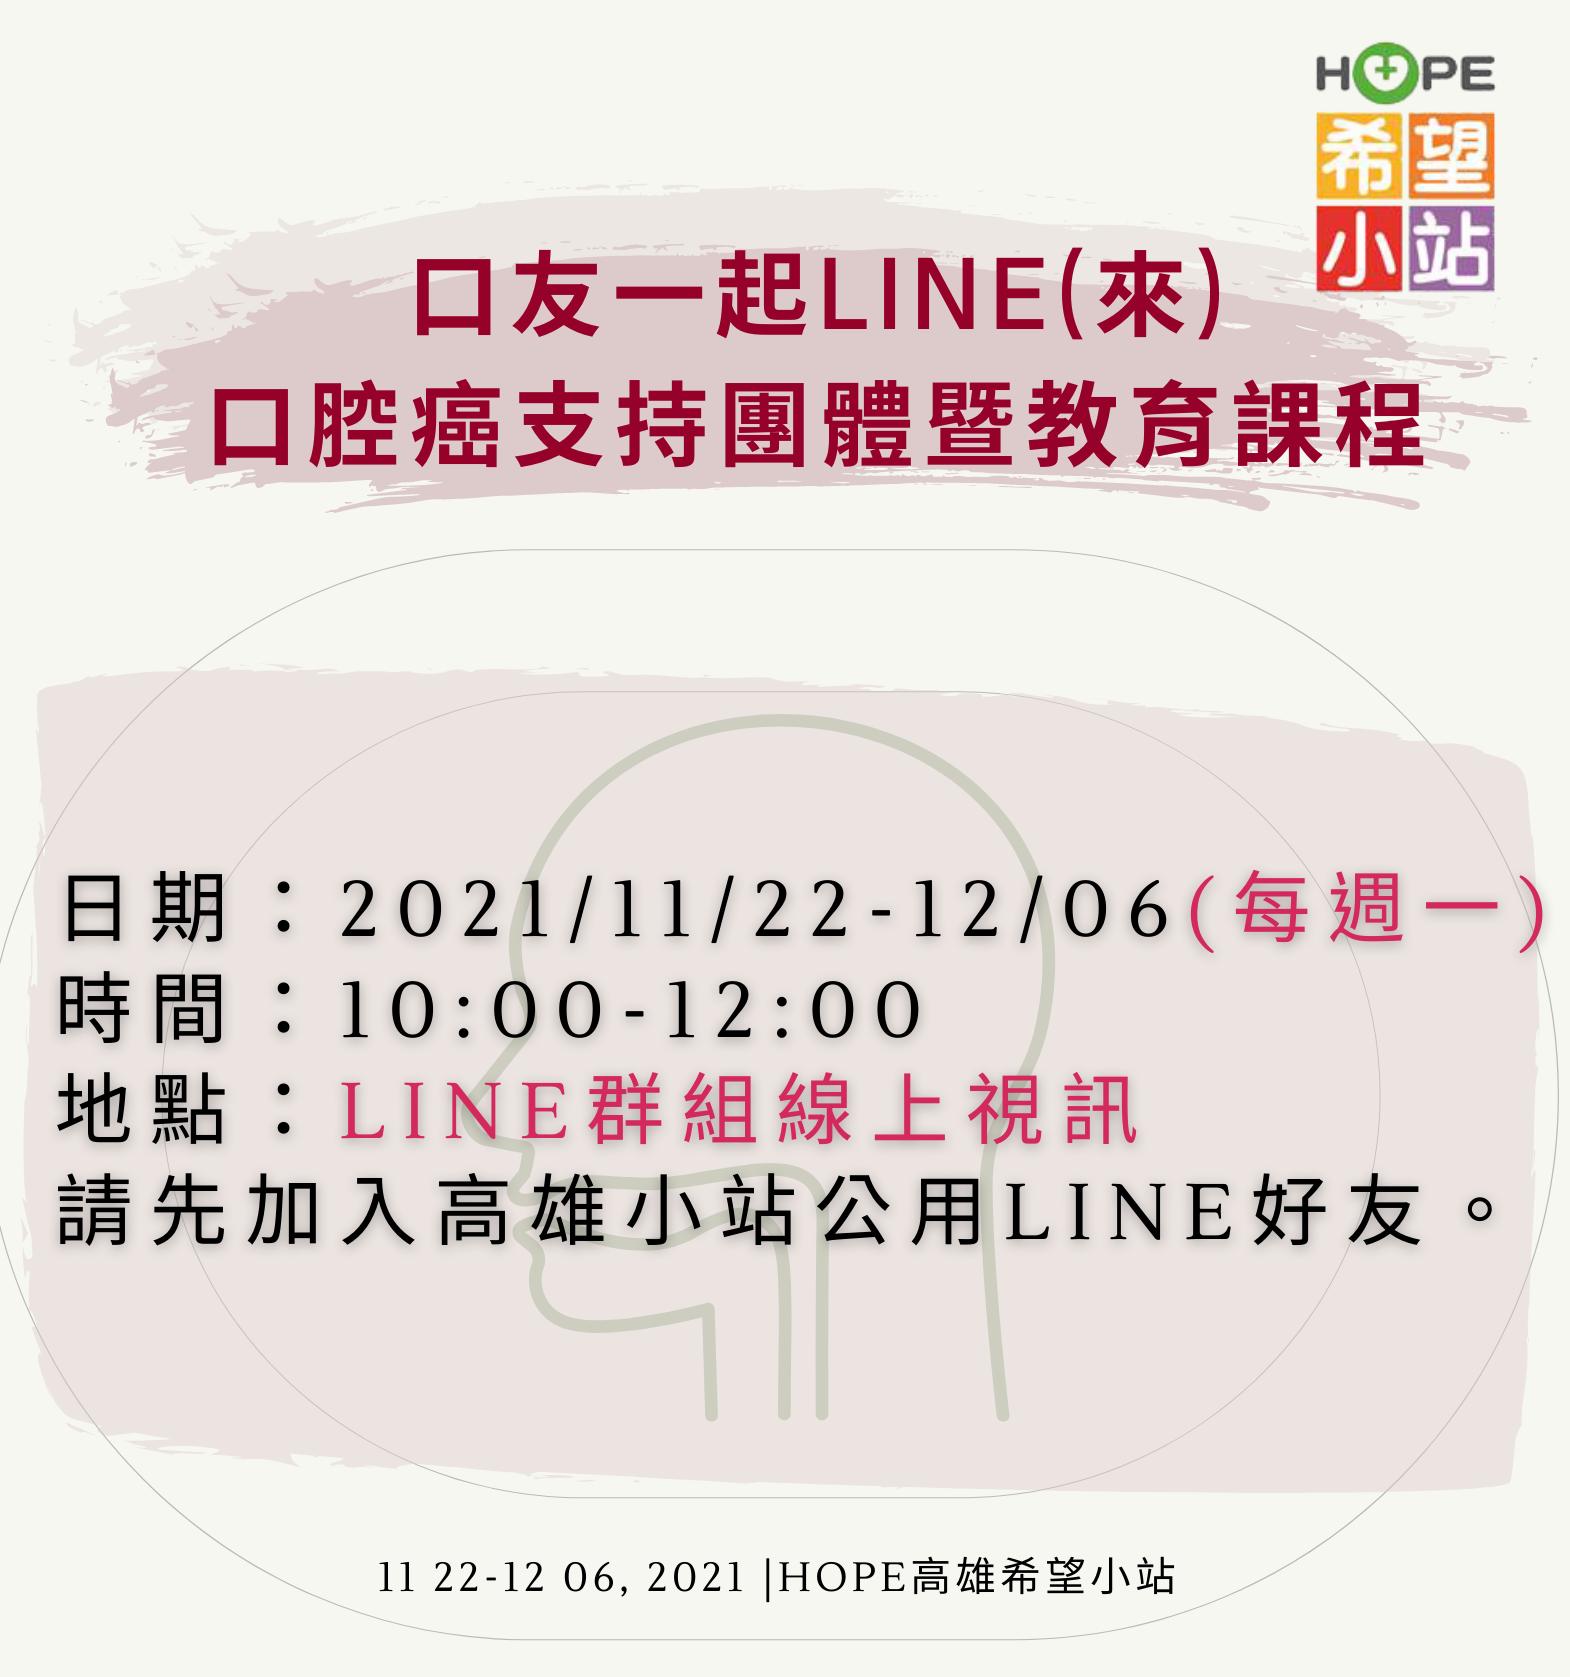 南區 - 2021/11/22-12/06口友一起LINE(來)-口腔癌支持團體暨教育課程